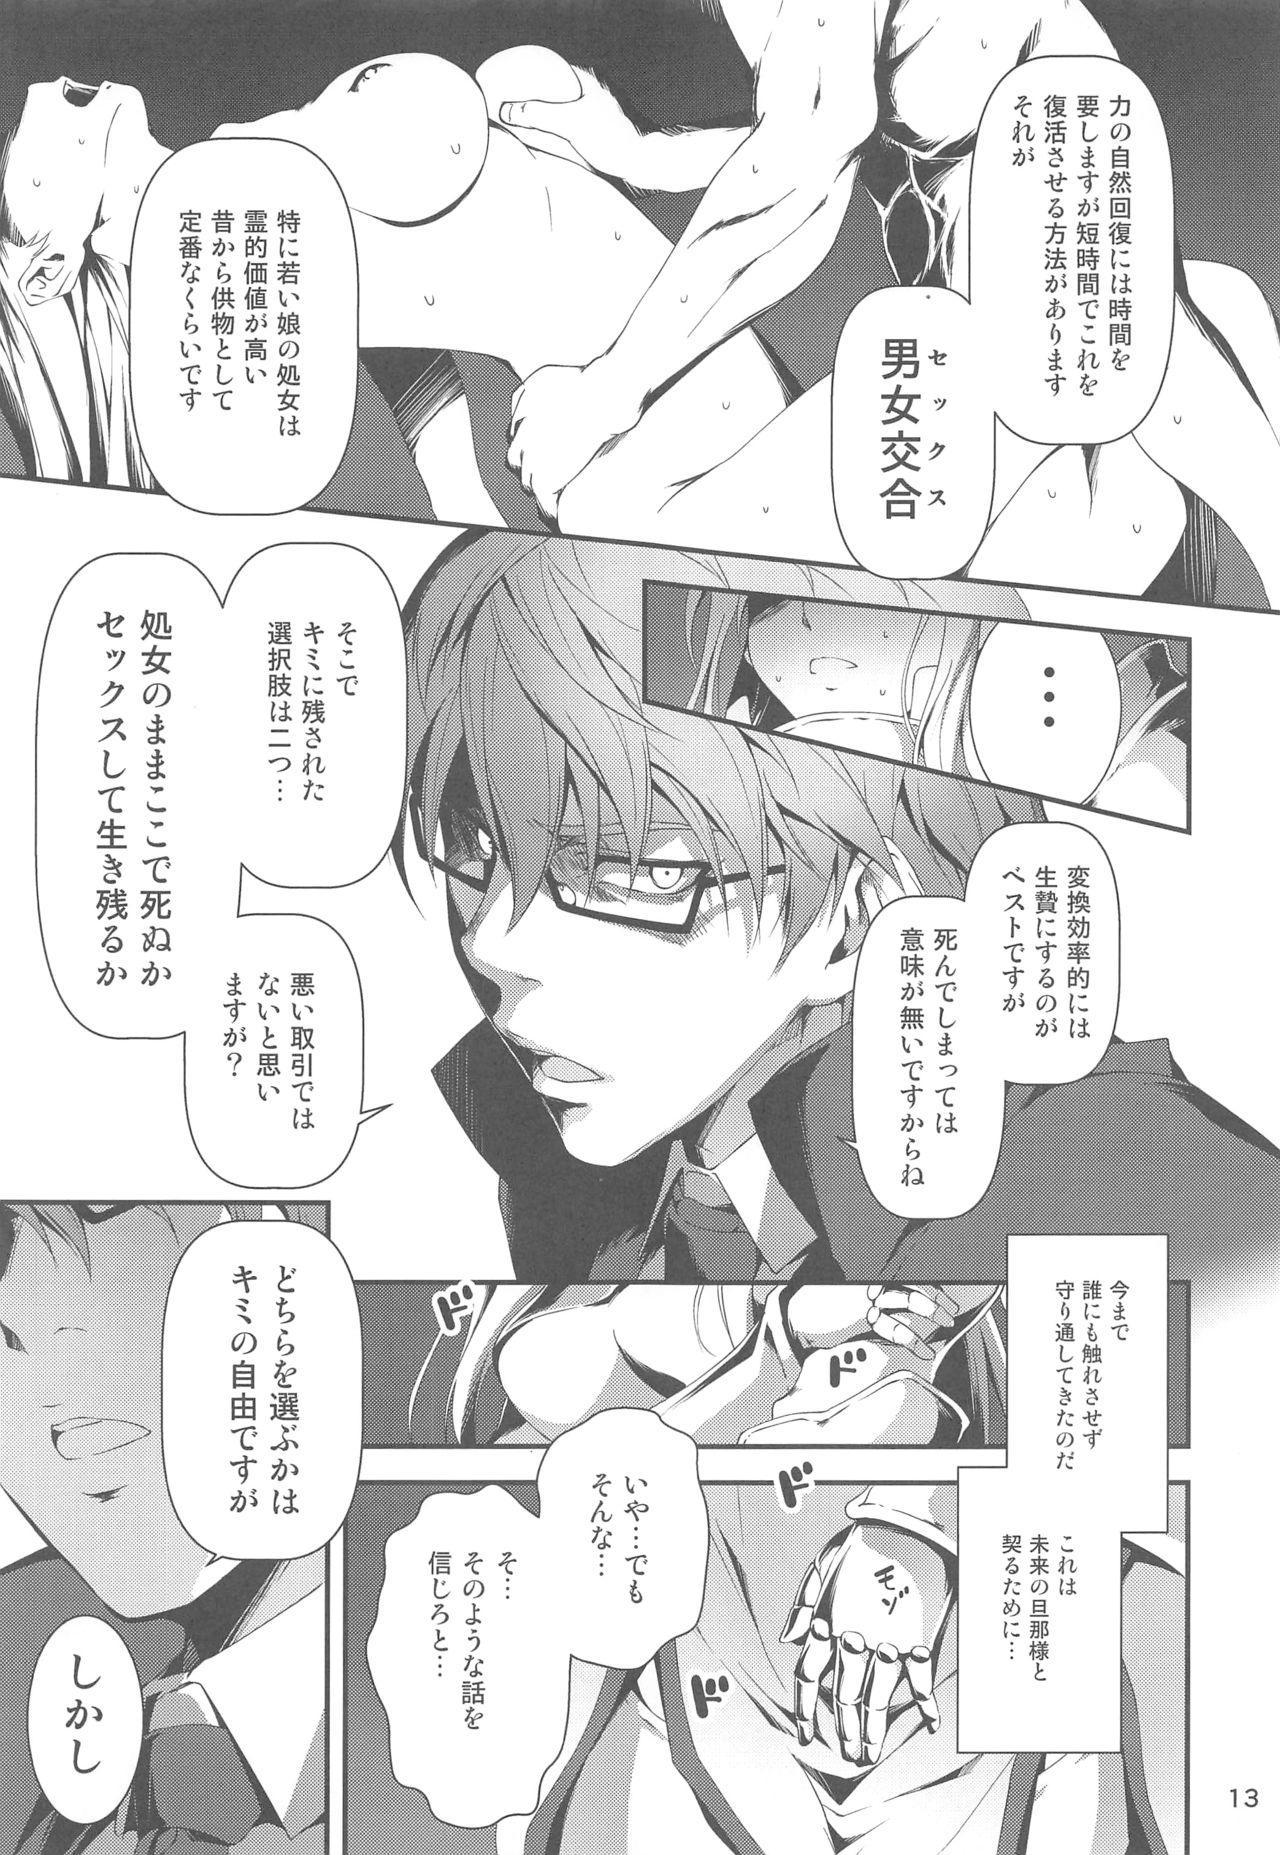 Ryman Fantasy Kuro no Ryman Soushuuhen 13